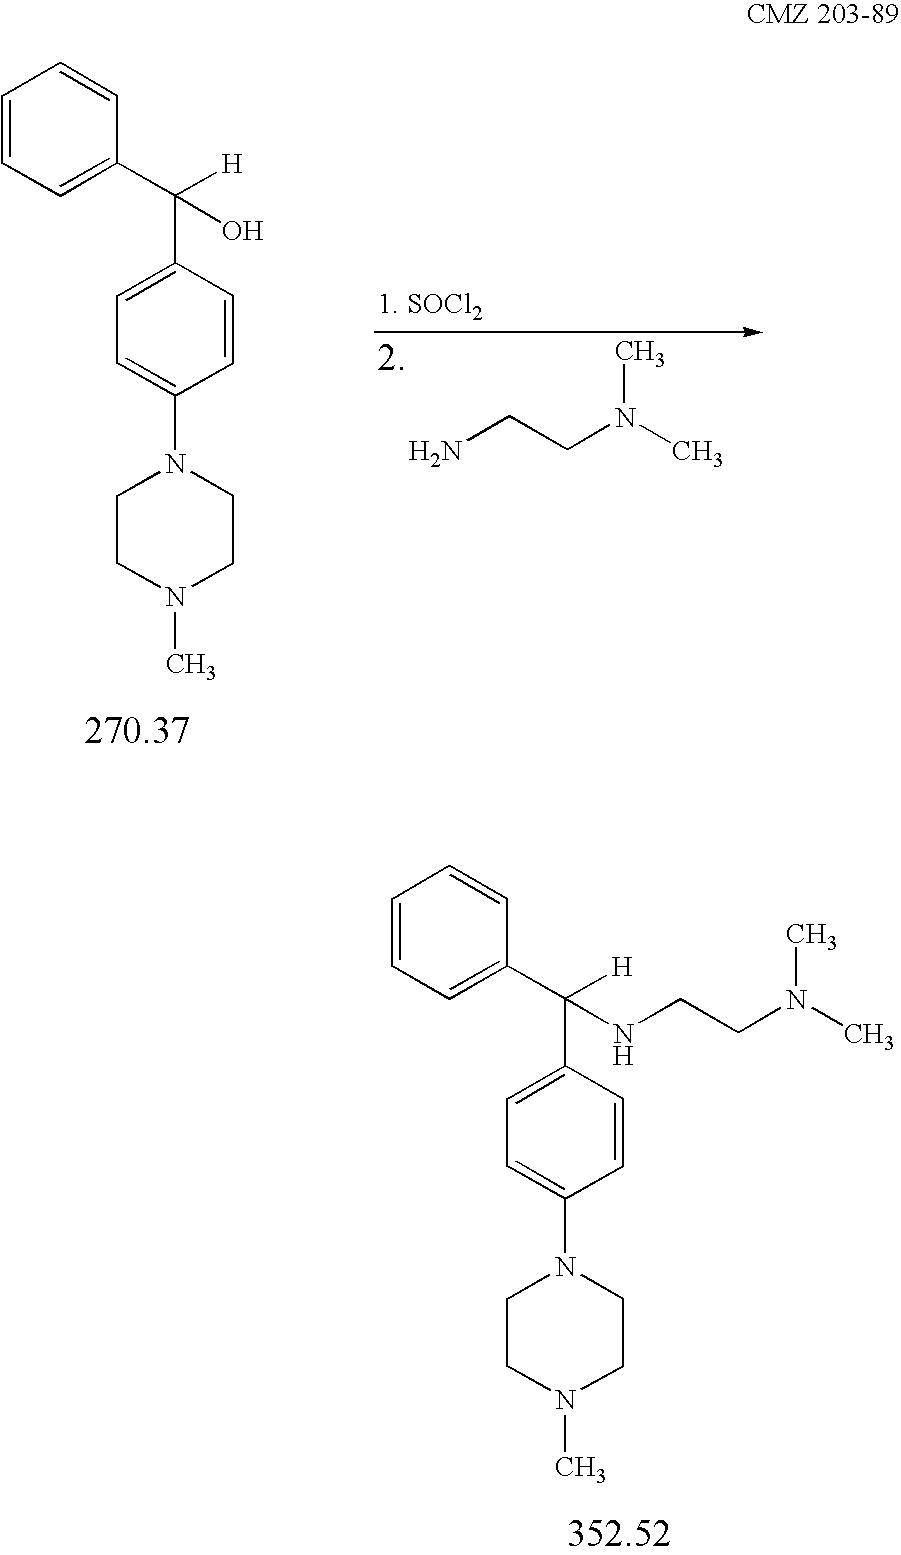 Figure US20050119273A1-20050602-C00308